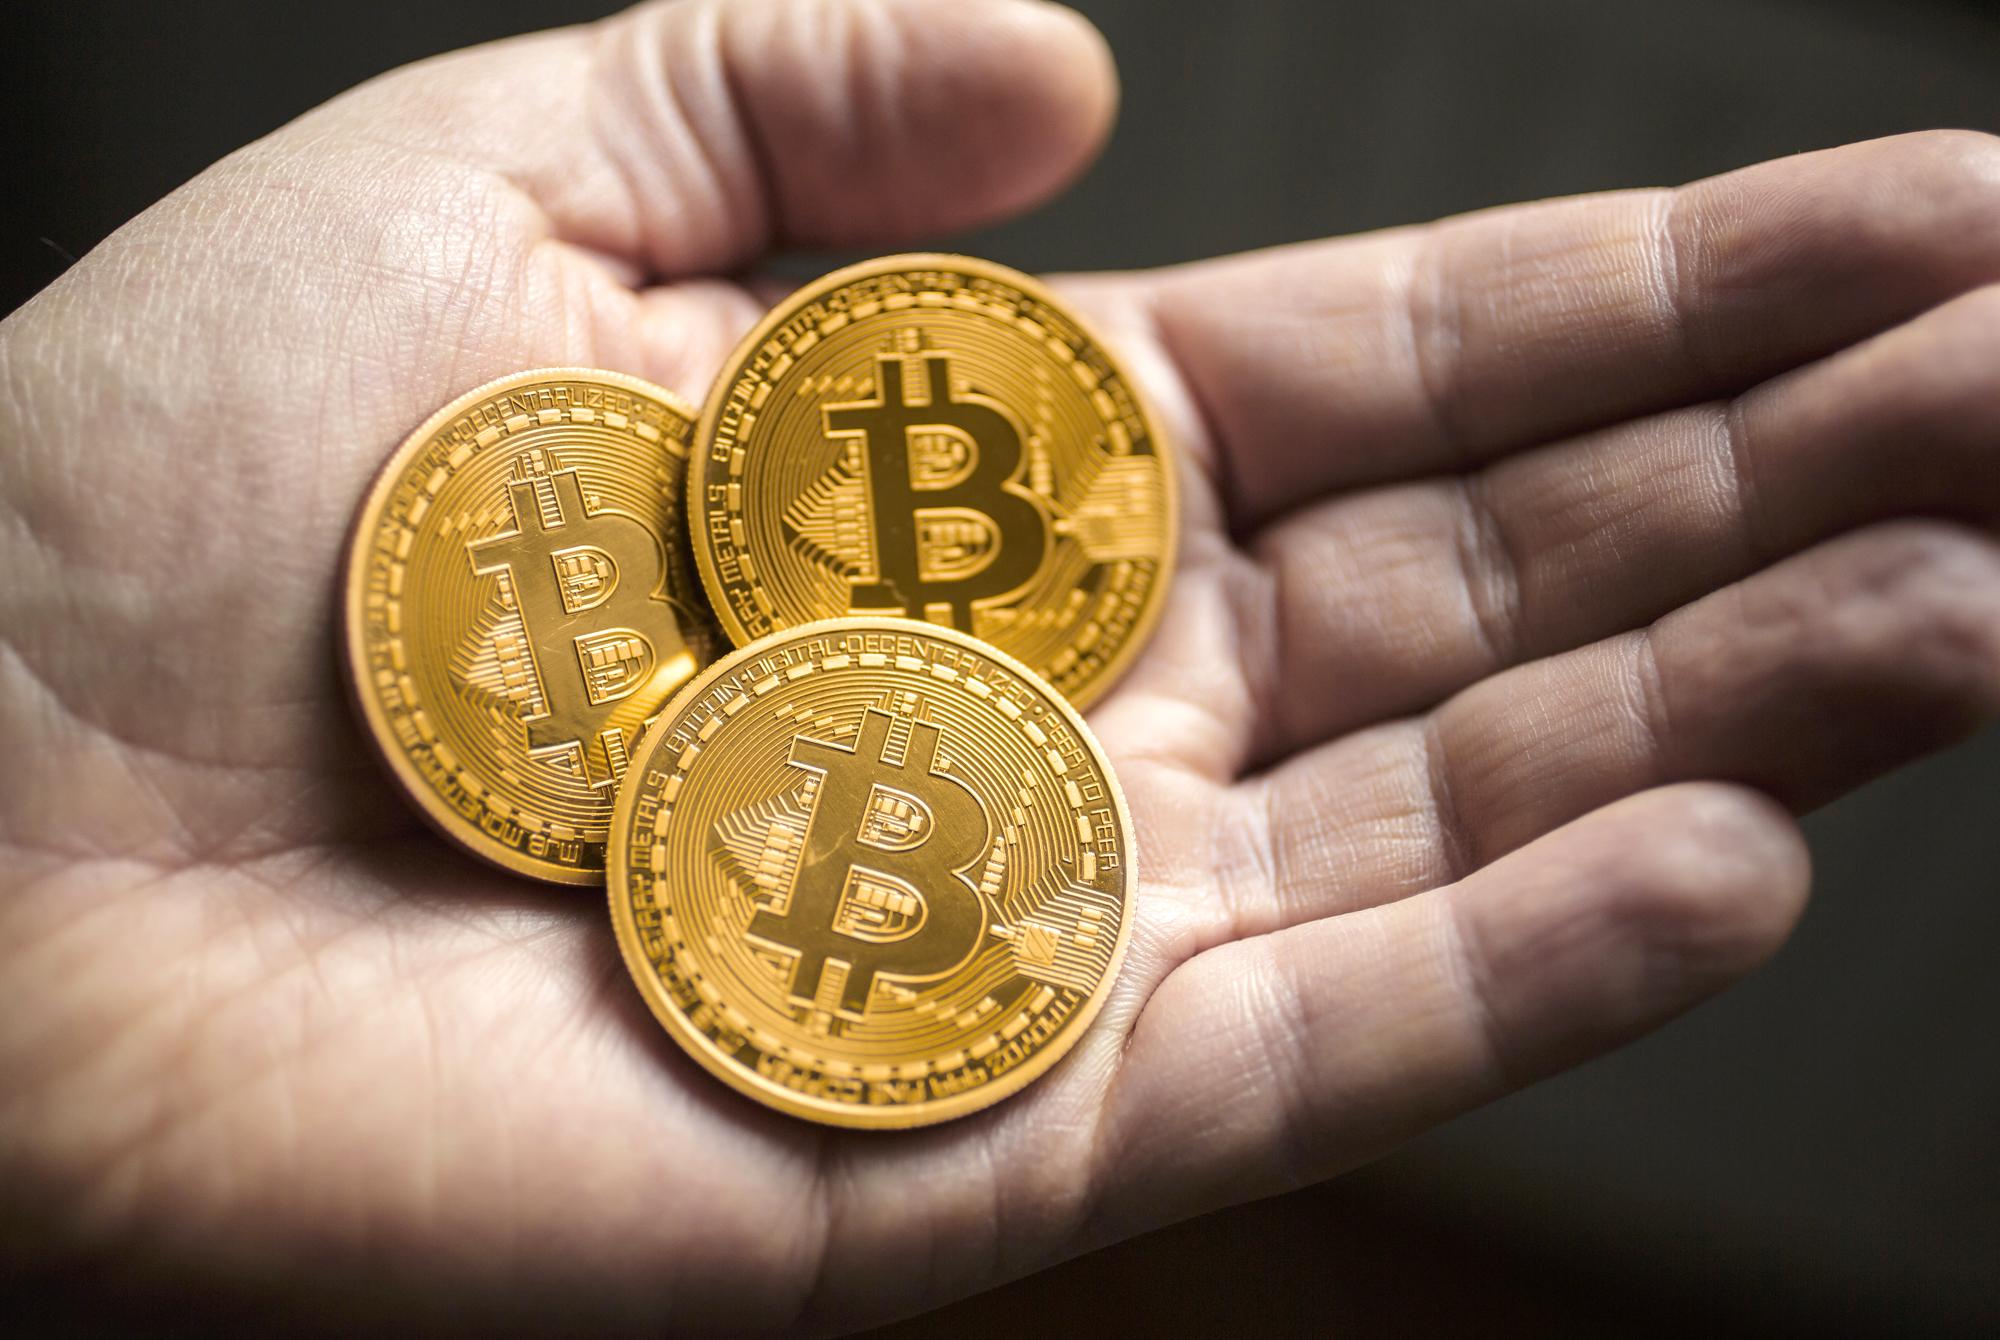 Что такое криптовалюта и зачем она. Рассказываем просто о сложном